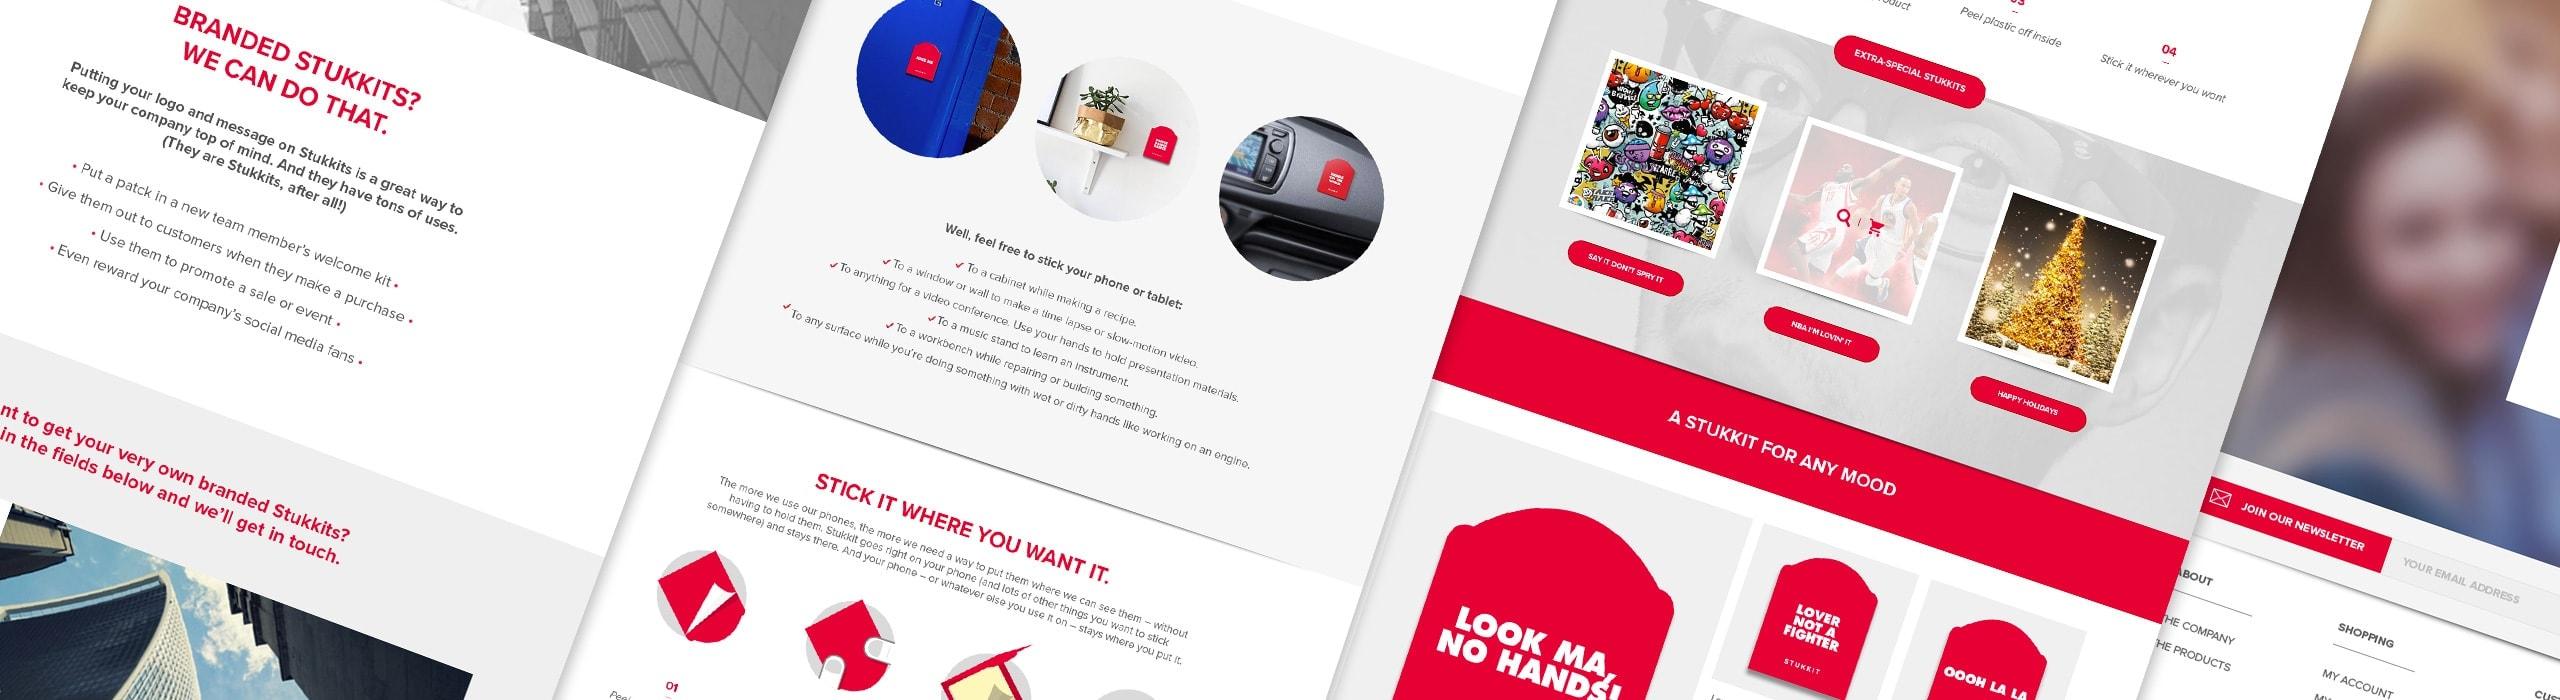 Stukkit - natie-stukkit-website-2 - Natie Branding Agency